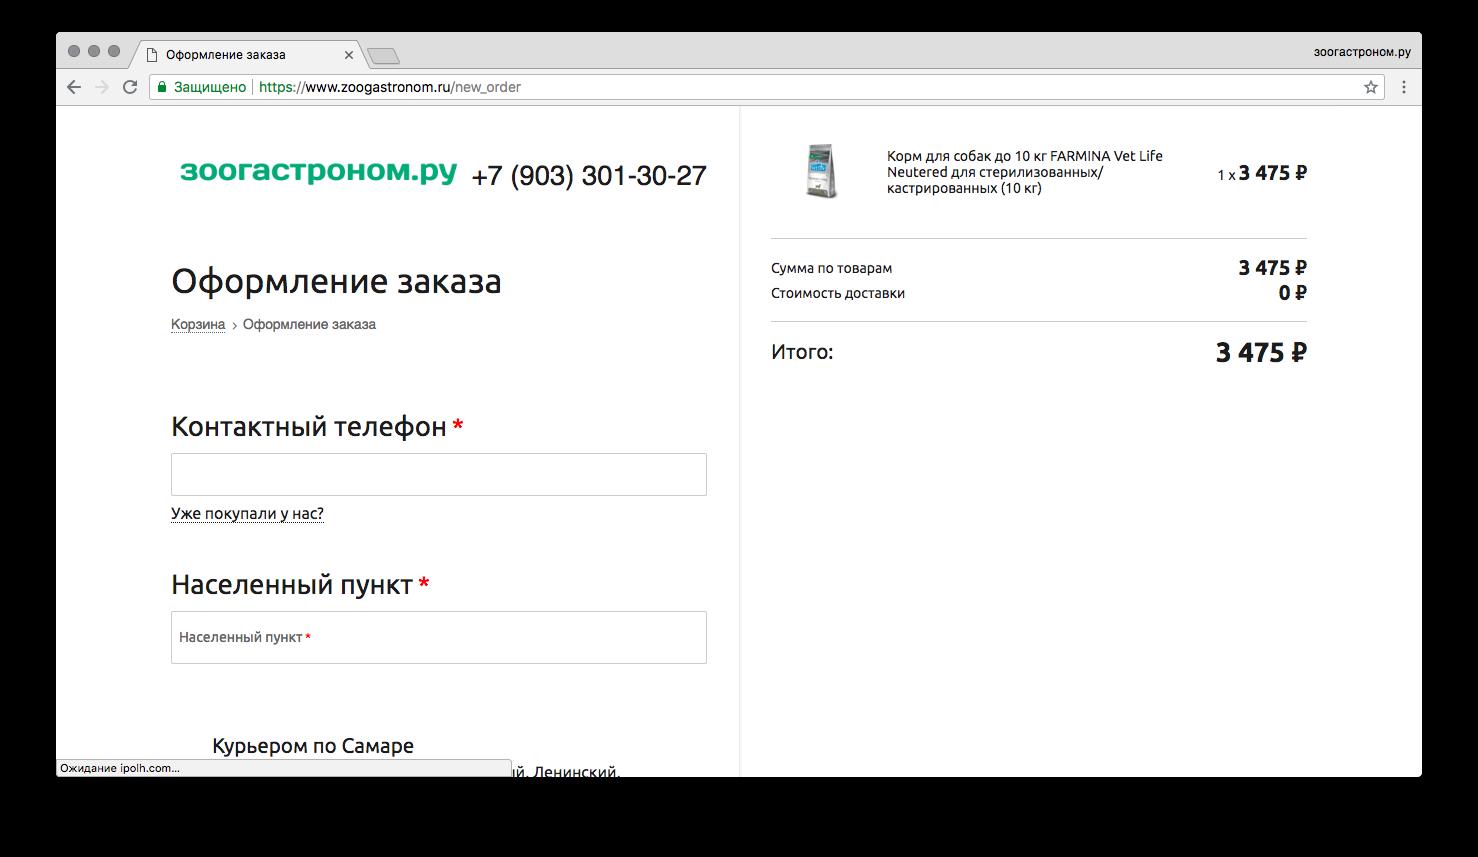 Снимок_экрана_2018-07-23_в_12.26.23.png